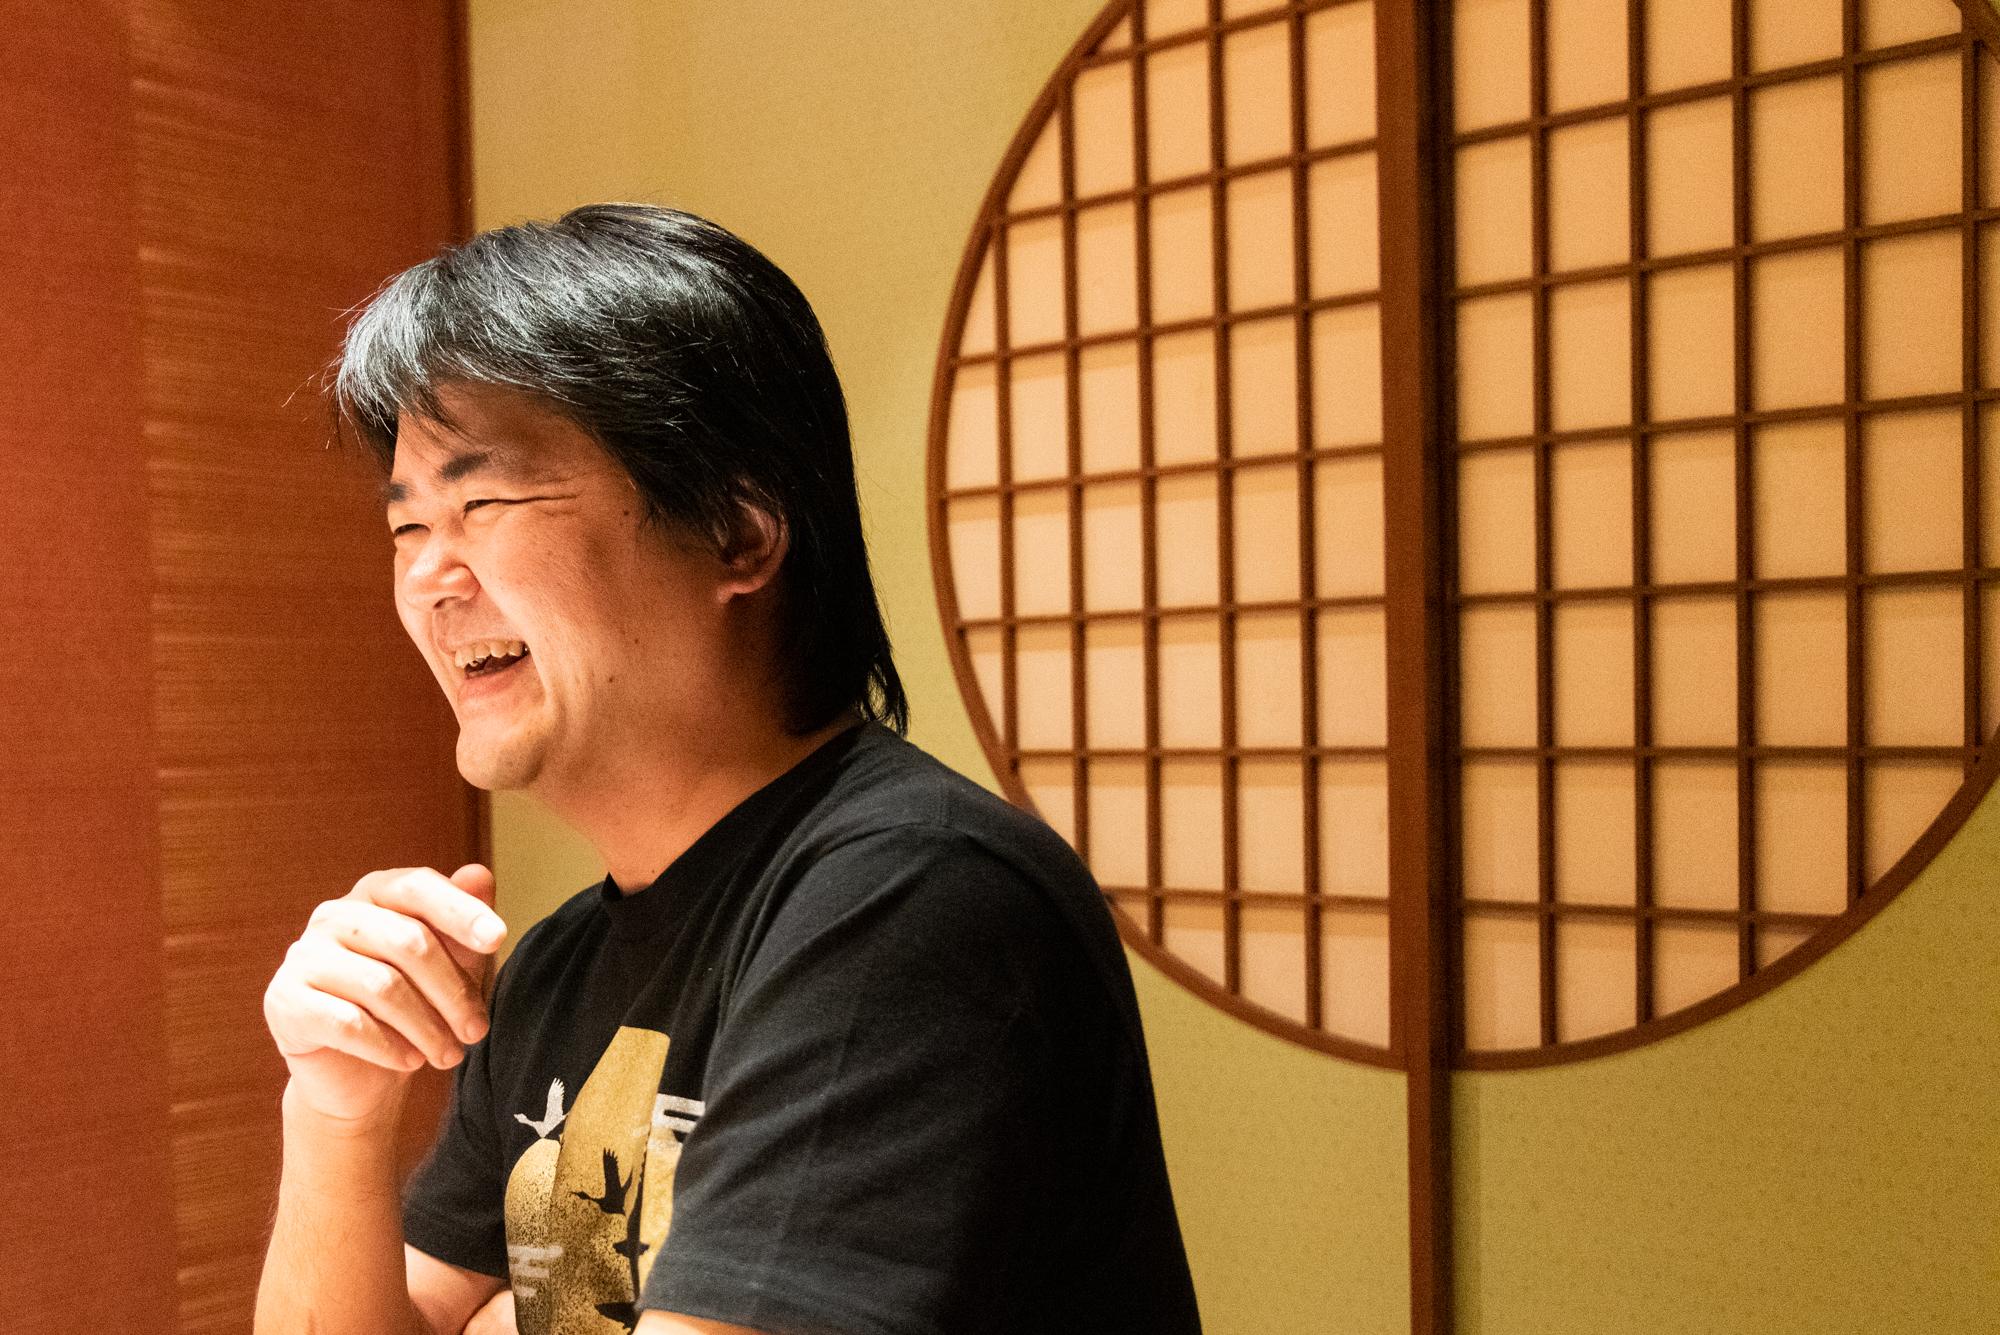 レビュー動画の父、ジェットダイスケに聞け! 平成最後に、YouTubeを始めた13年前をふりかえって